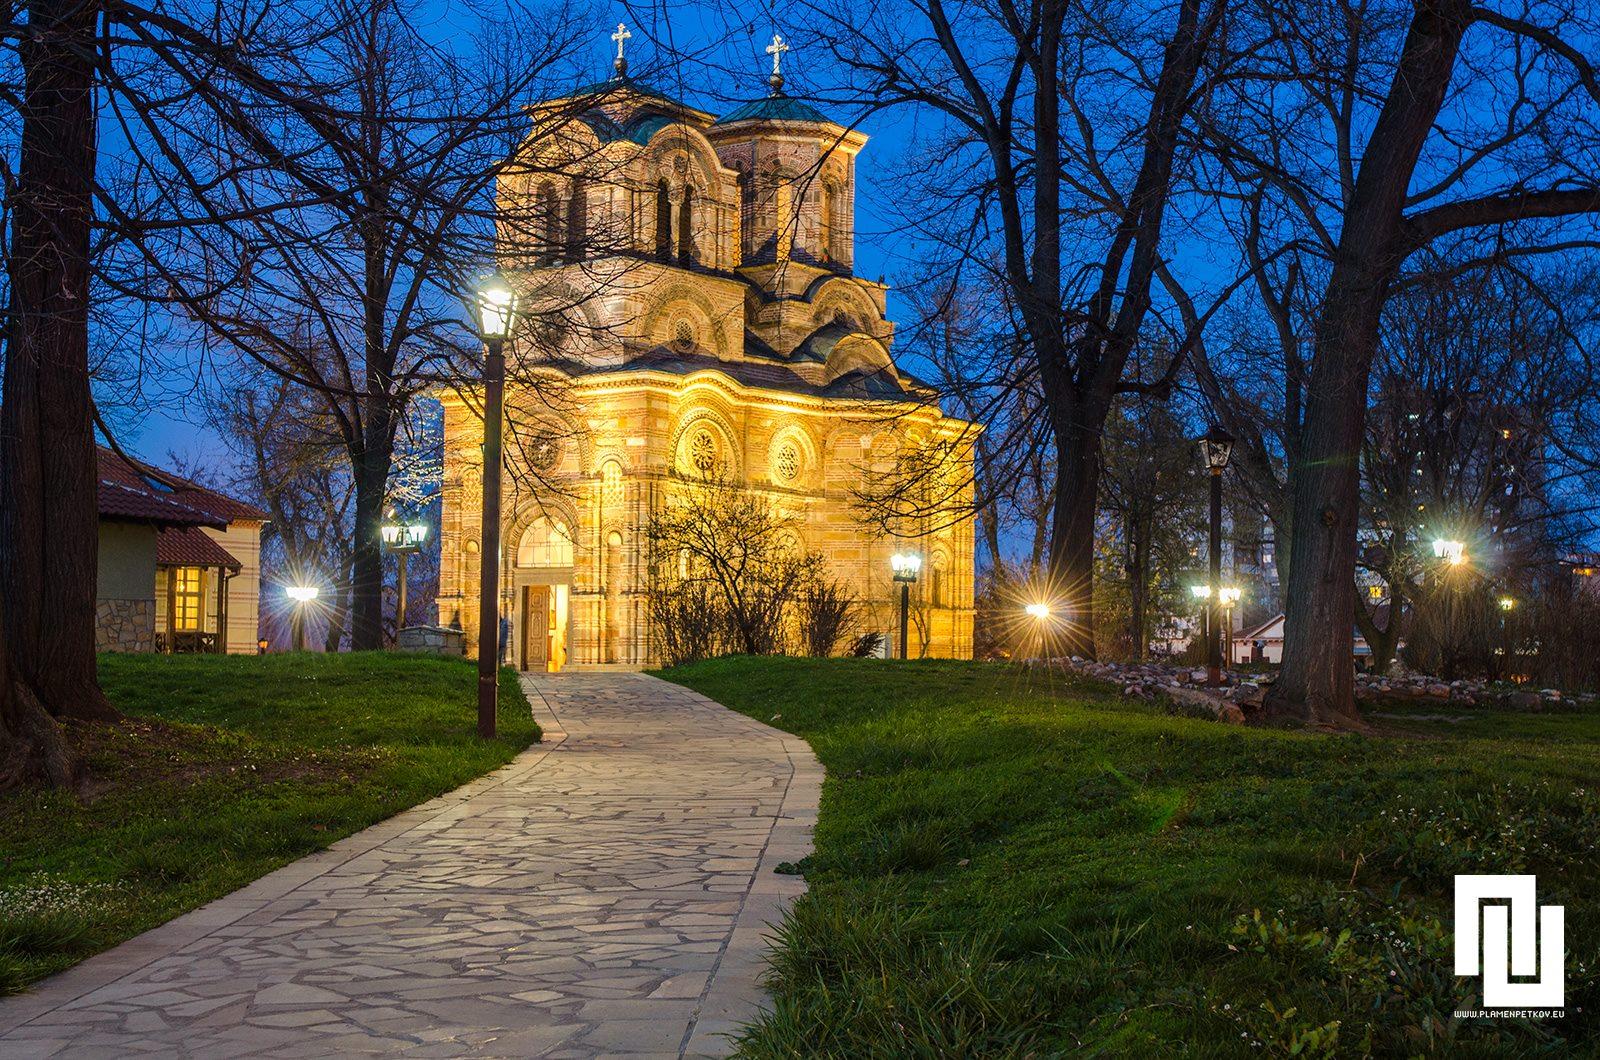 Църквата Св. Стефан в Крушевац, известна като Лазарица